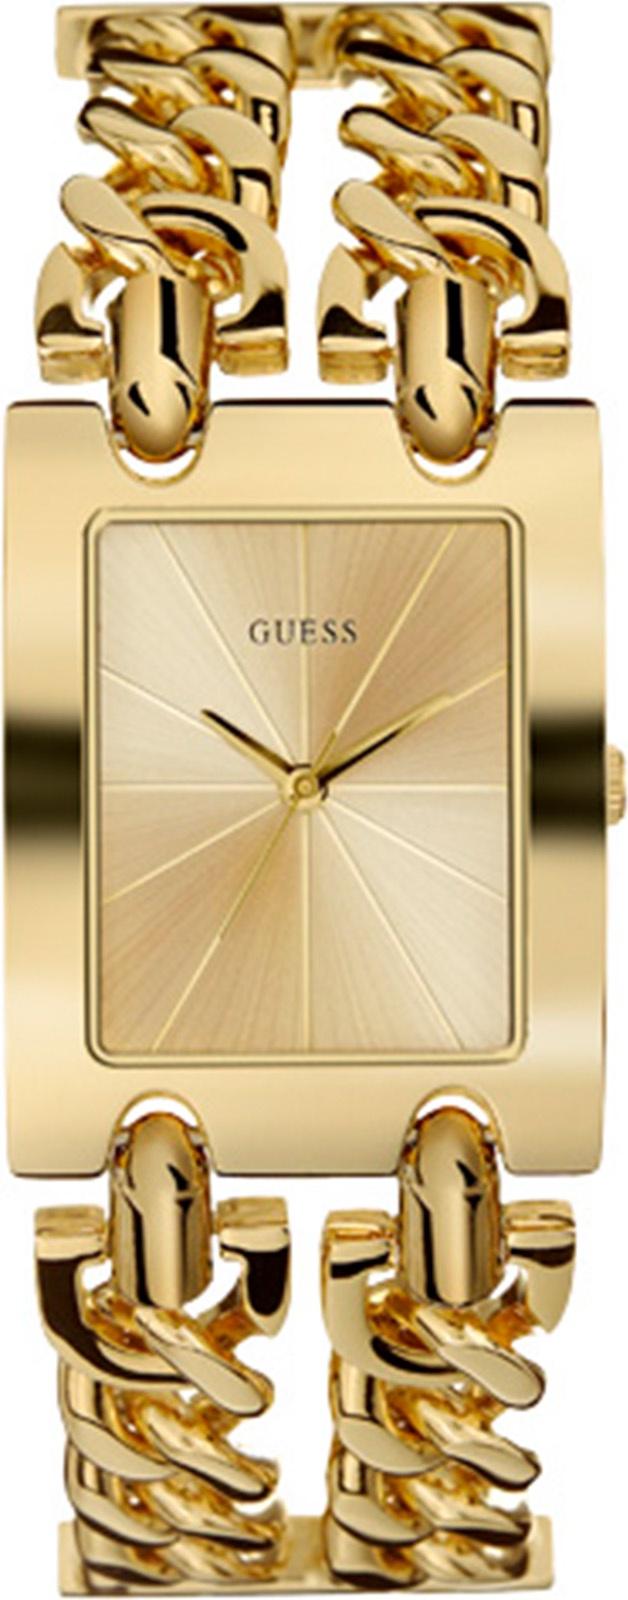 Наручные часы Guess MOD HEAVY METAL цена